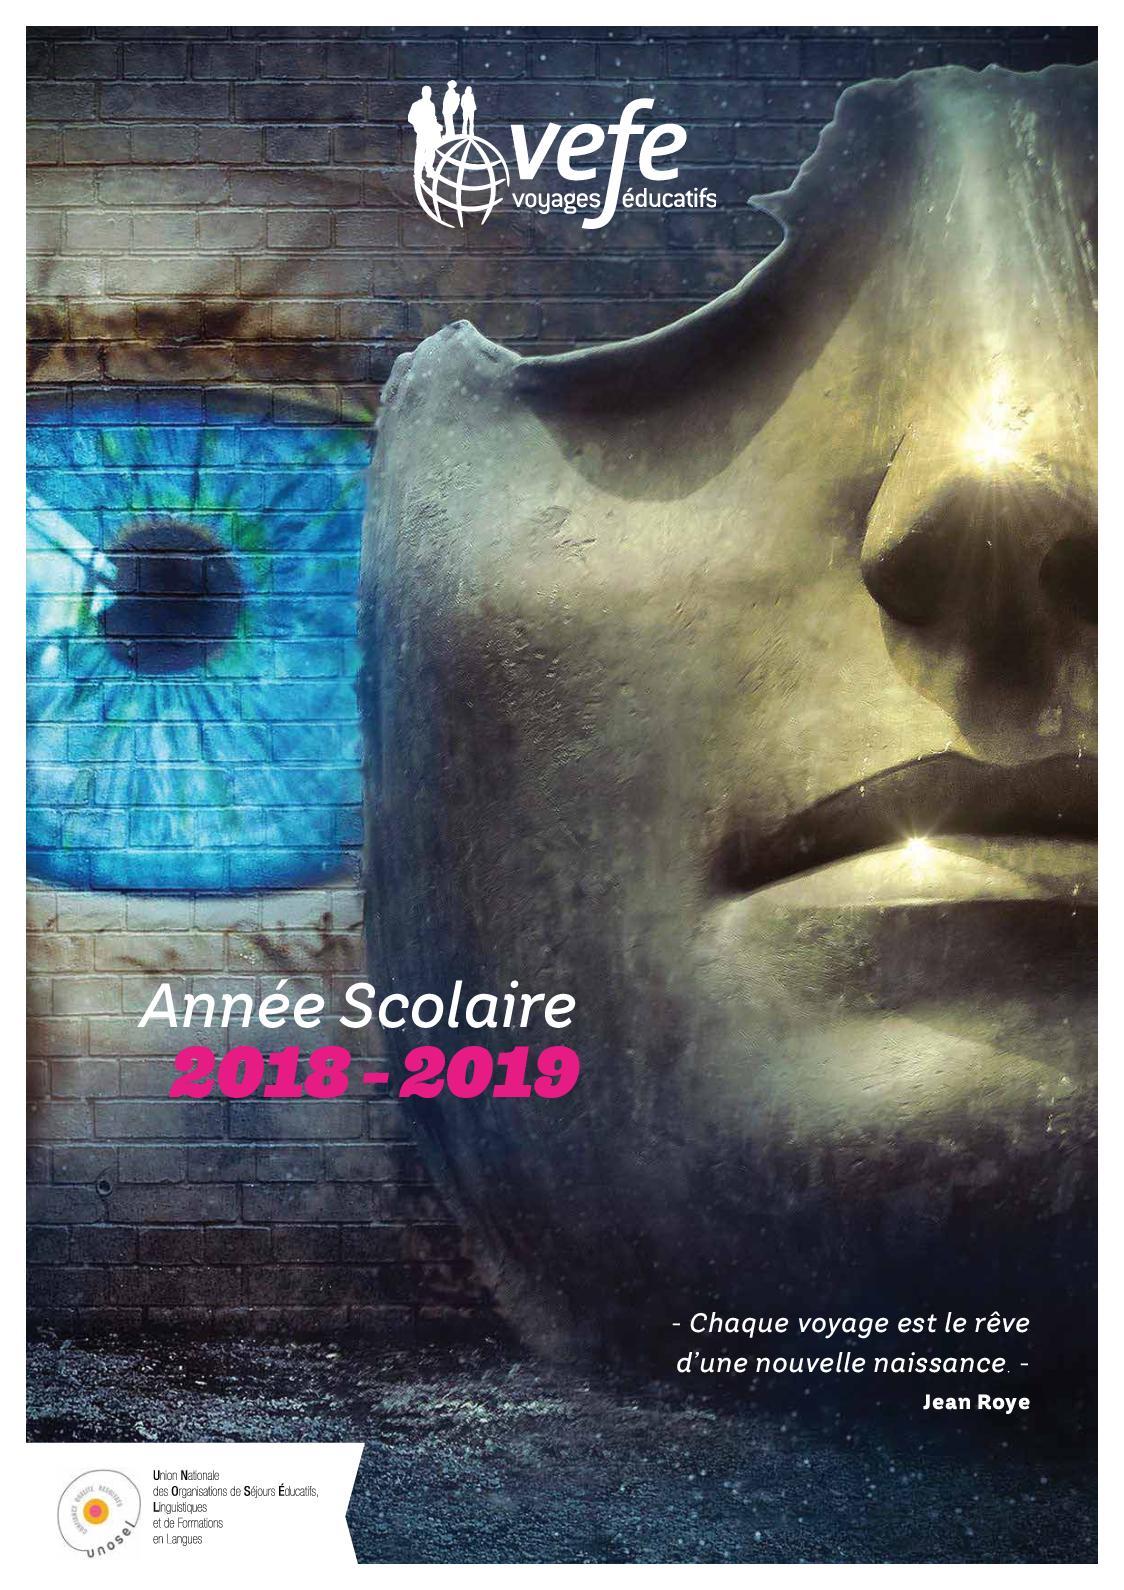 2018 Brochure 2018 Calaméo 19 Calaméo Brochure 19 wk0OP8nX